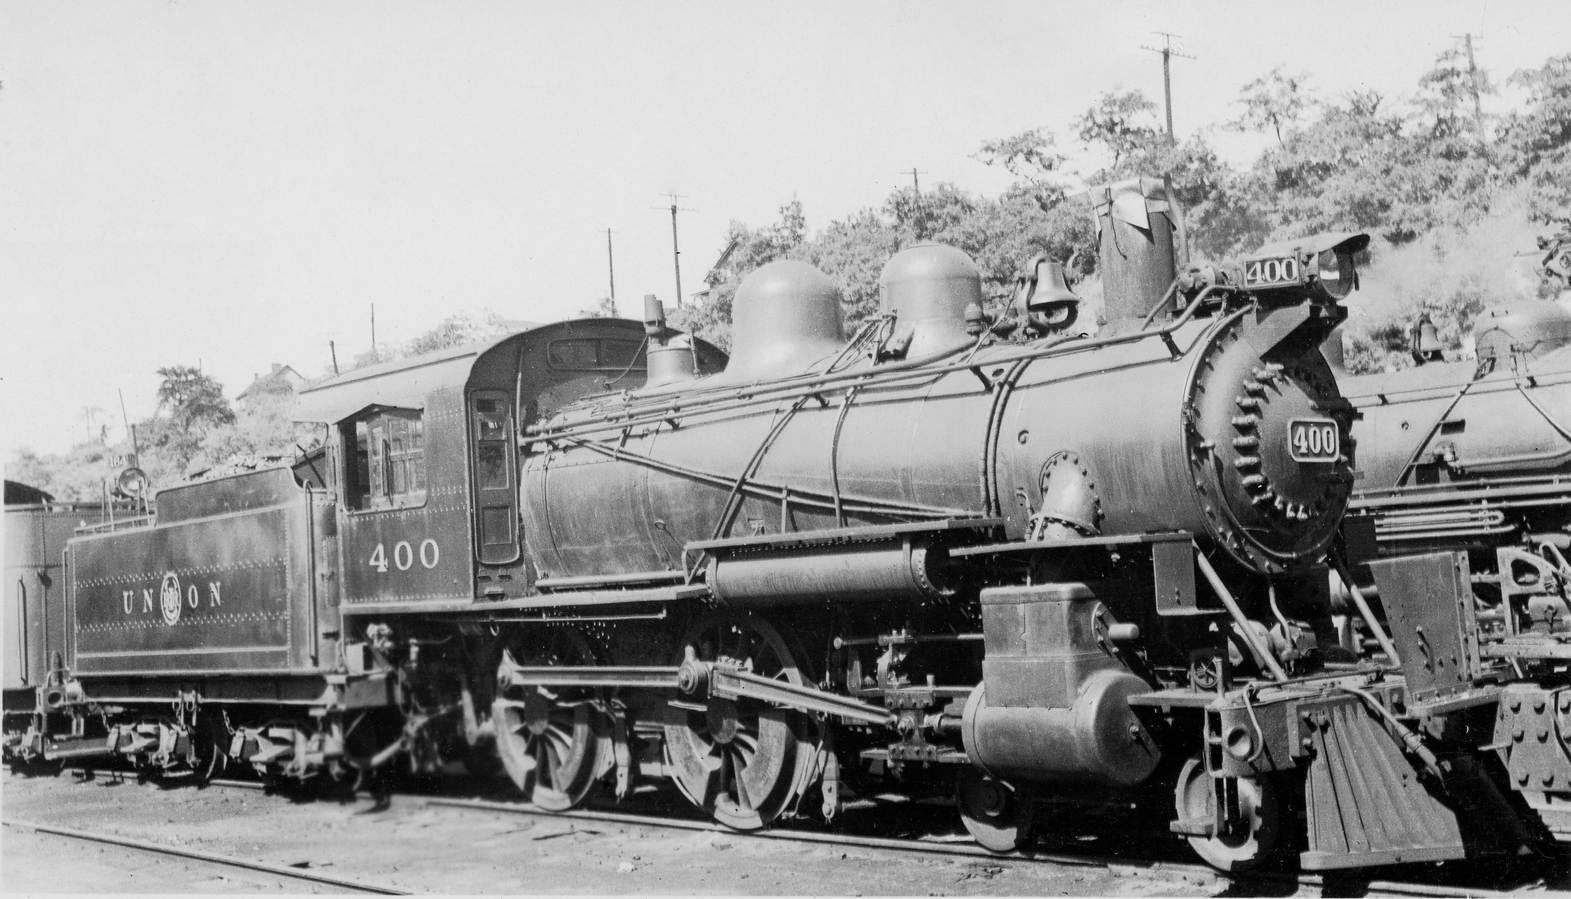 Union Railroad #400